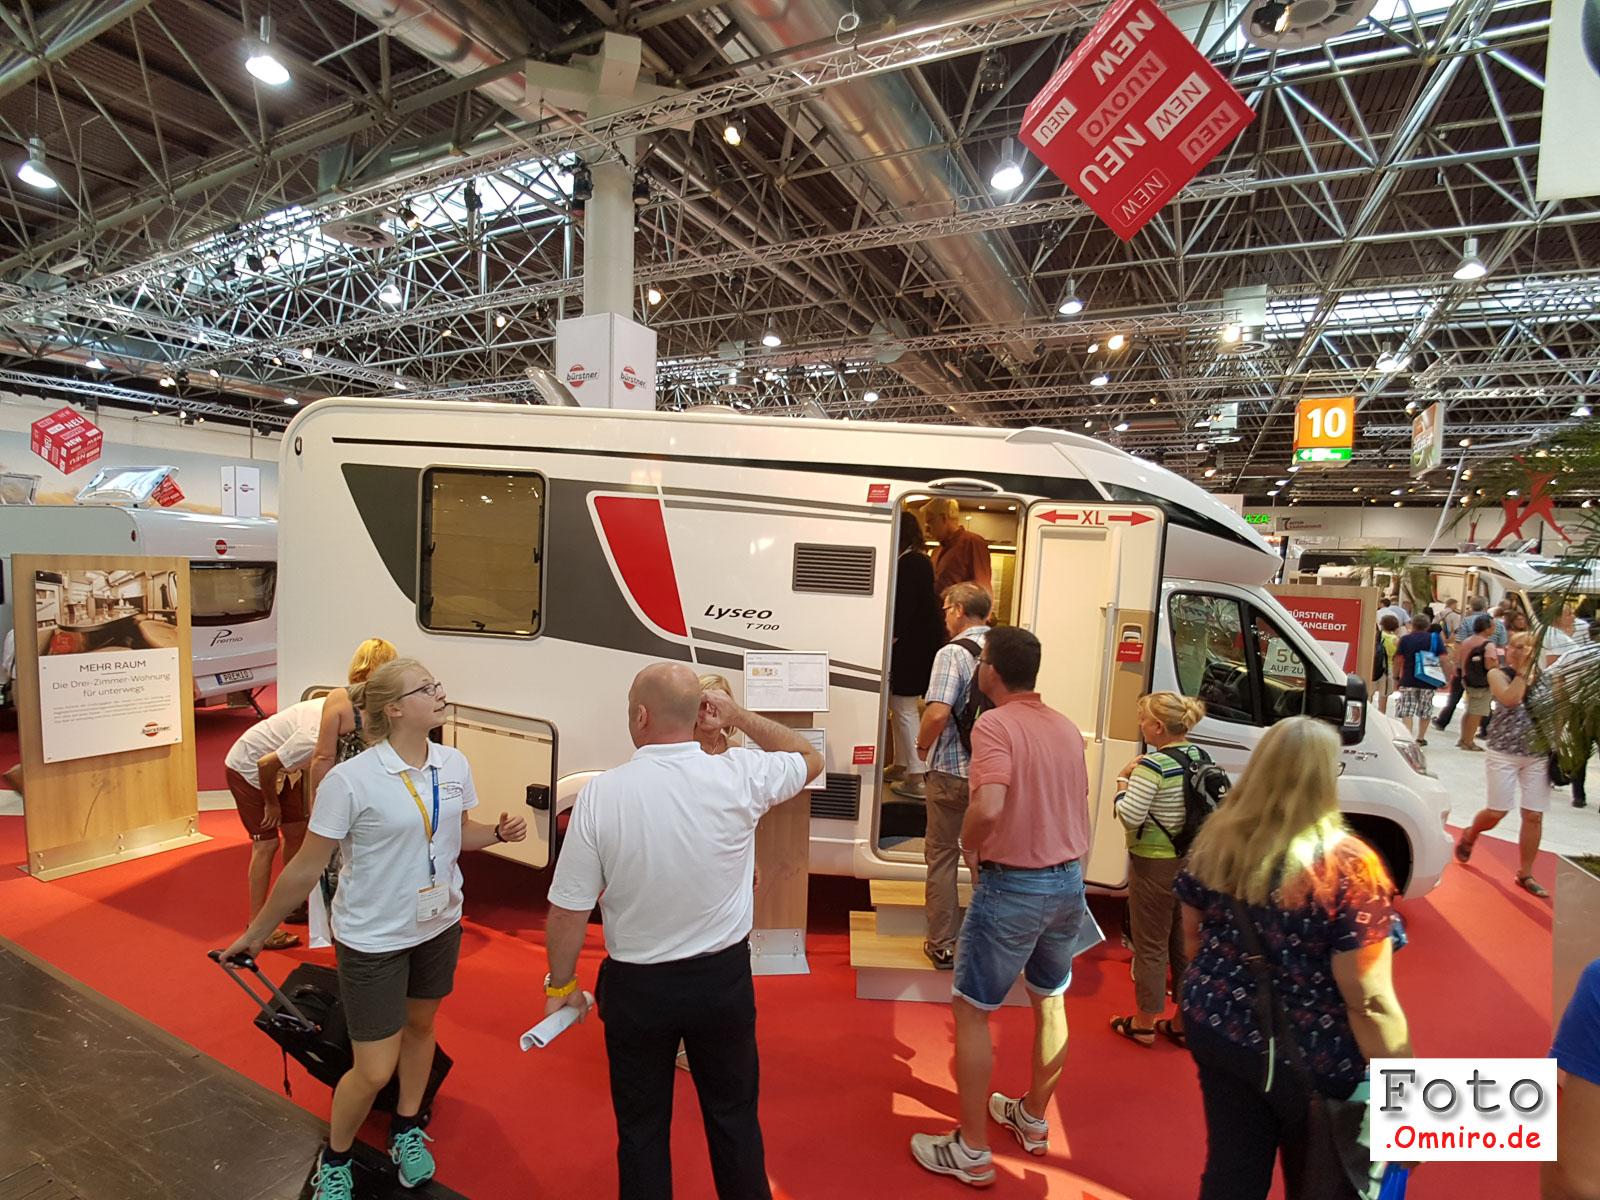 2016-08-27_11-01-31_caravan-salon_20160827_110132-1600